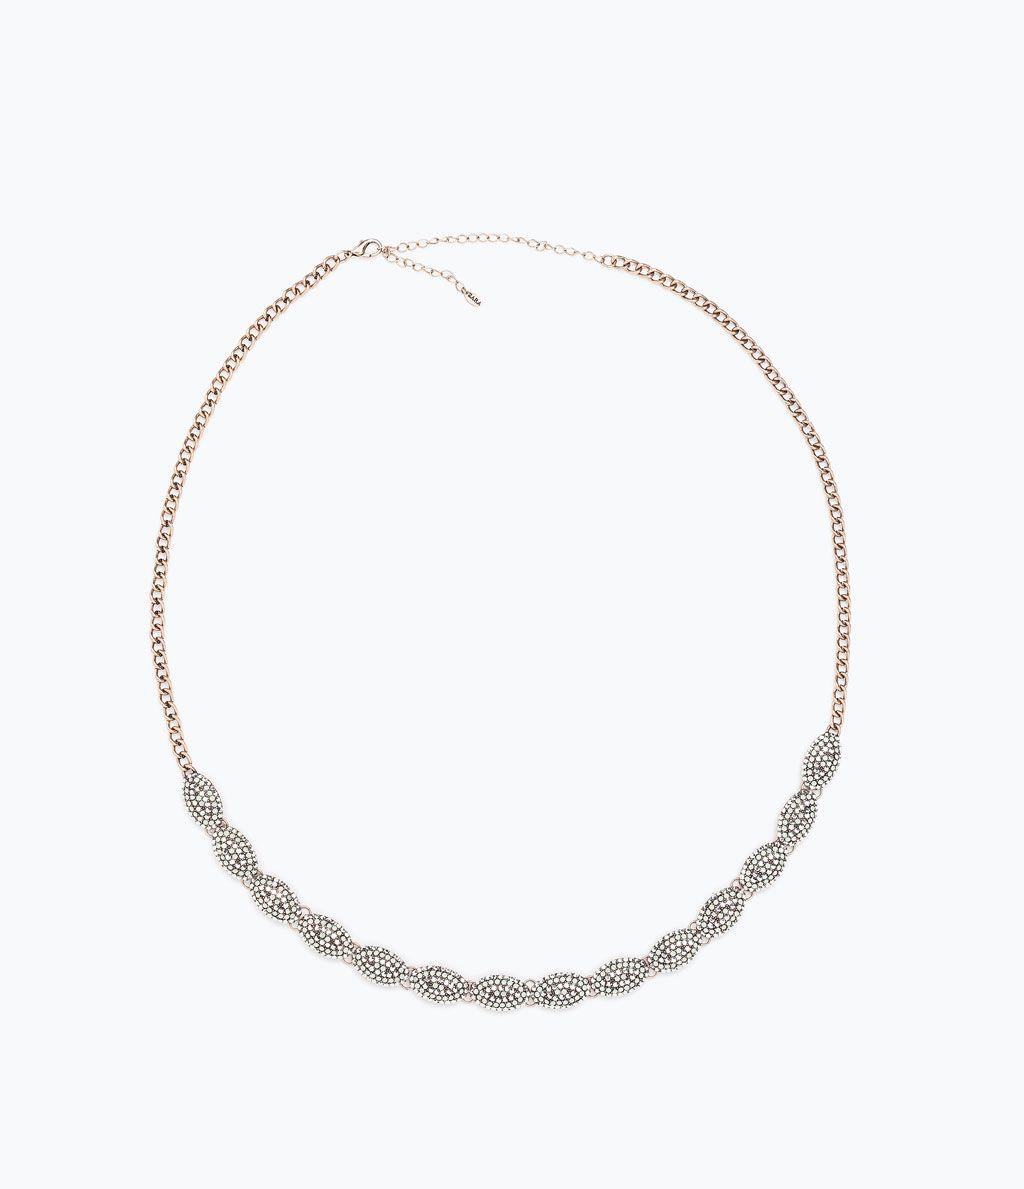 Bracelet or femme algerie